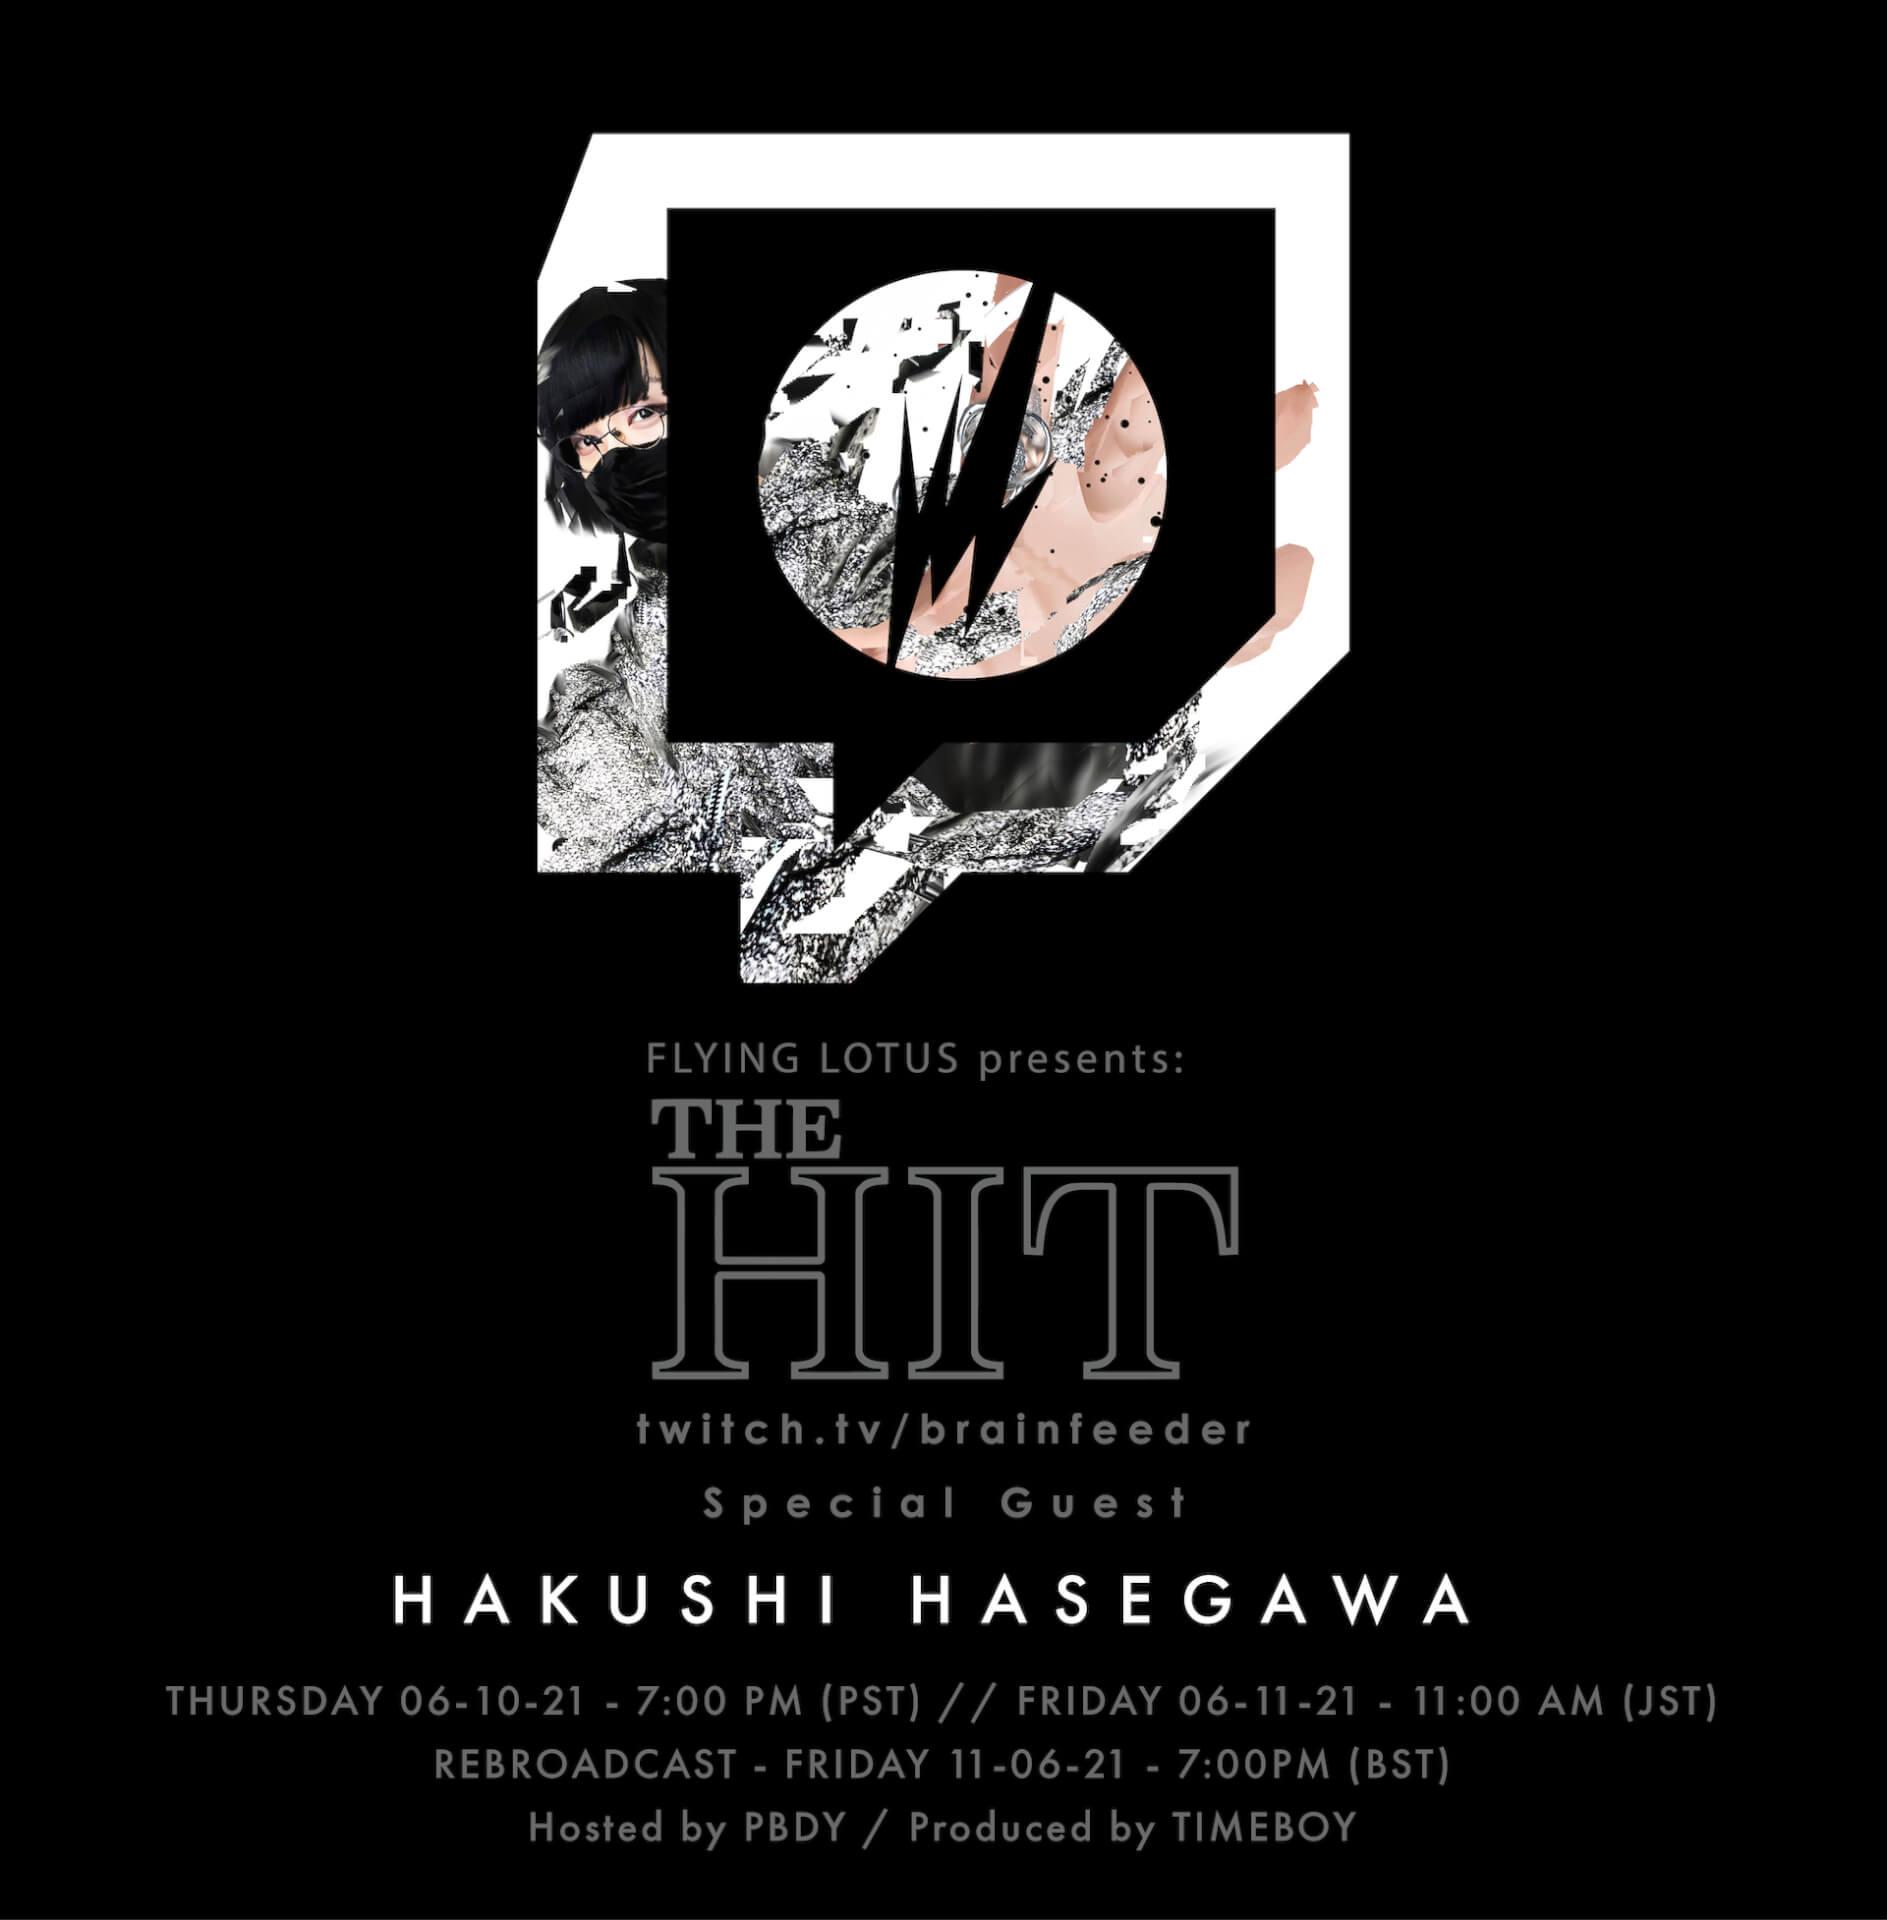 ついに本日〈BRAINFEEDER〉のライブ配信番組『THE HIT』に長谷川白紙登場!無料視聴可能 music210611_hasegawahakushi_thehit_2